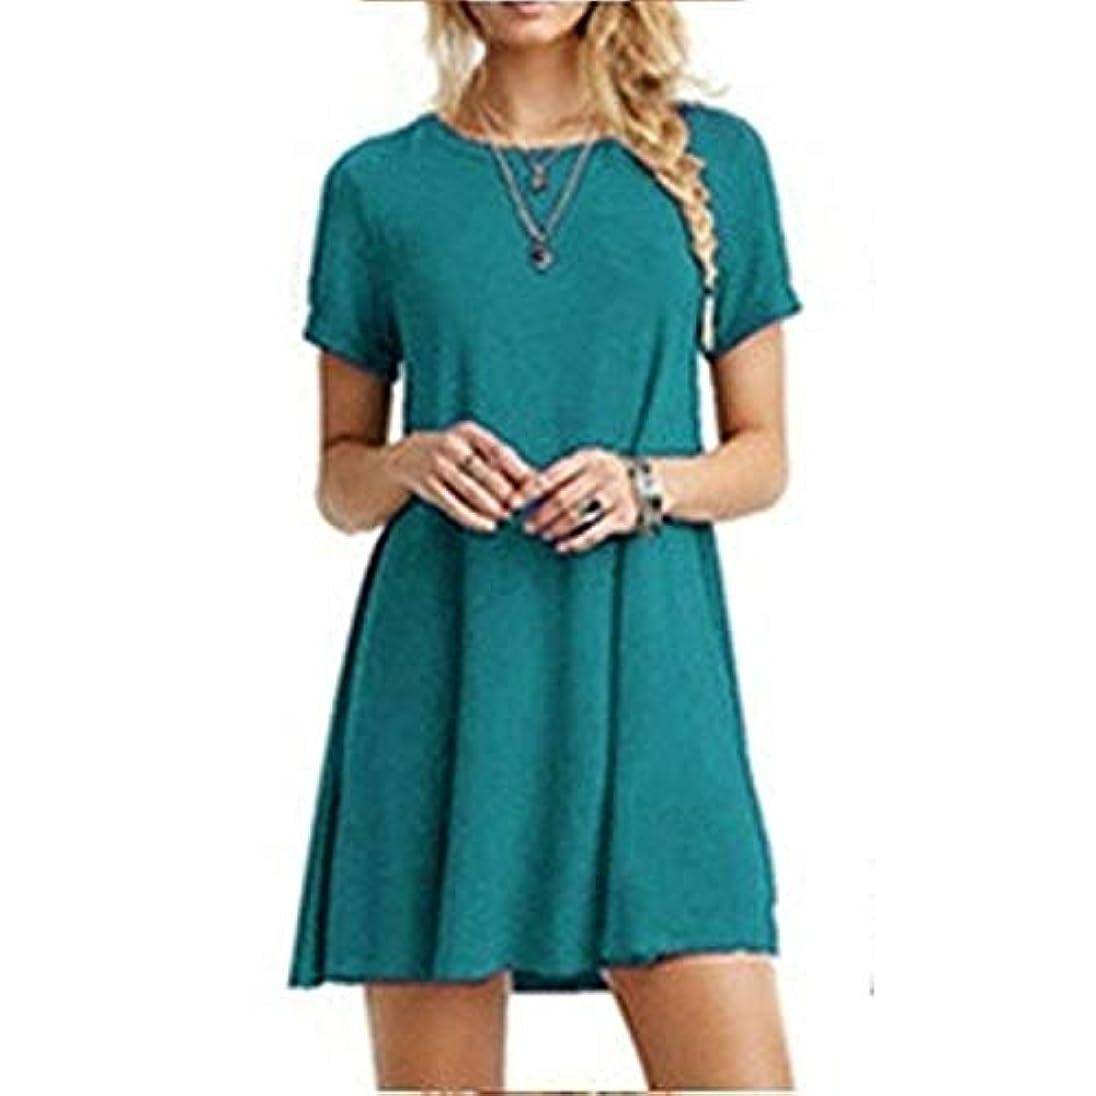 上装置毒性MIFAN女性のファッション、カジュアル、ドレス、シャツ、コットン、半袖、無地、ミニ、ビーチドレス、プラスサイズのドレス